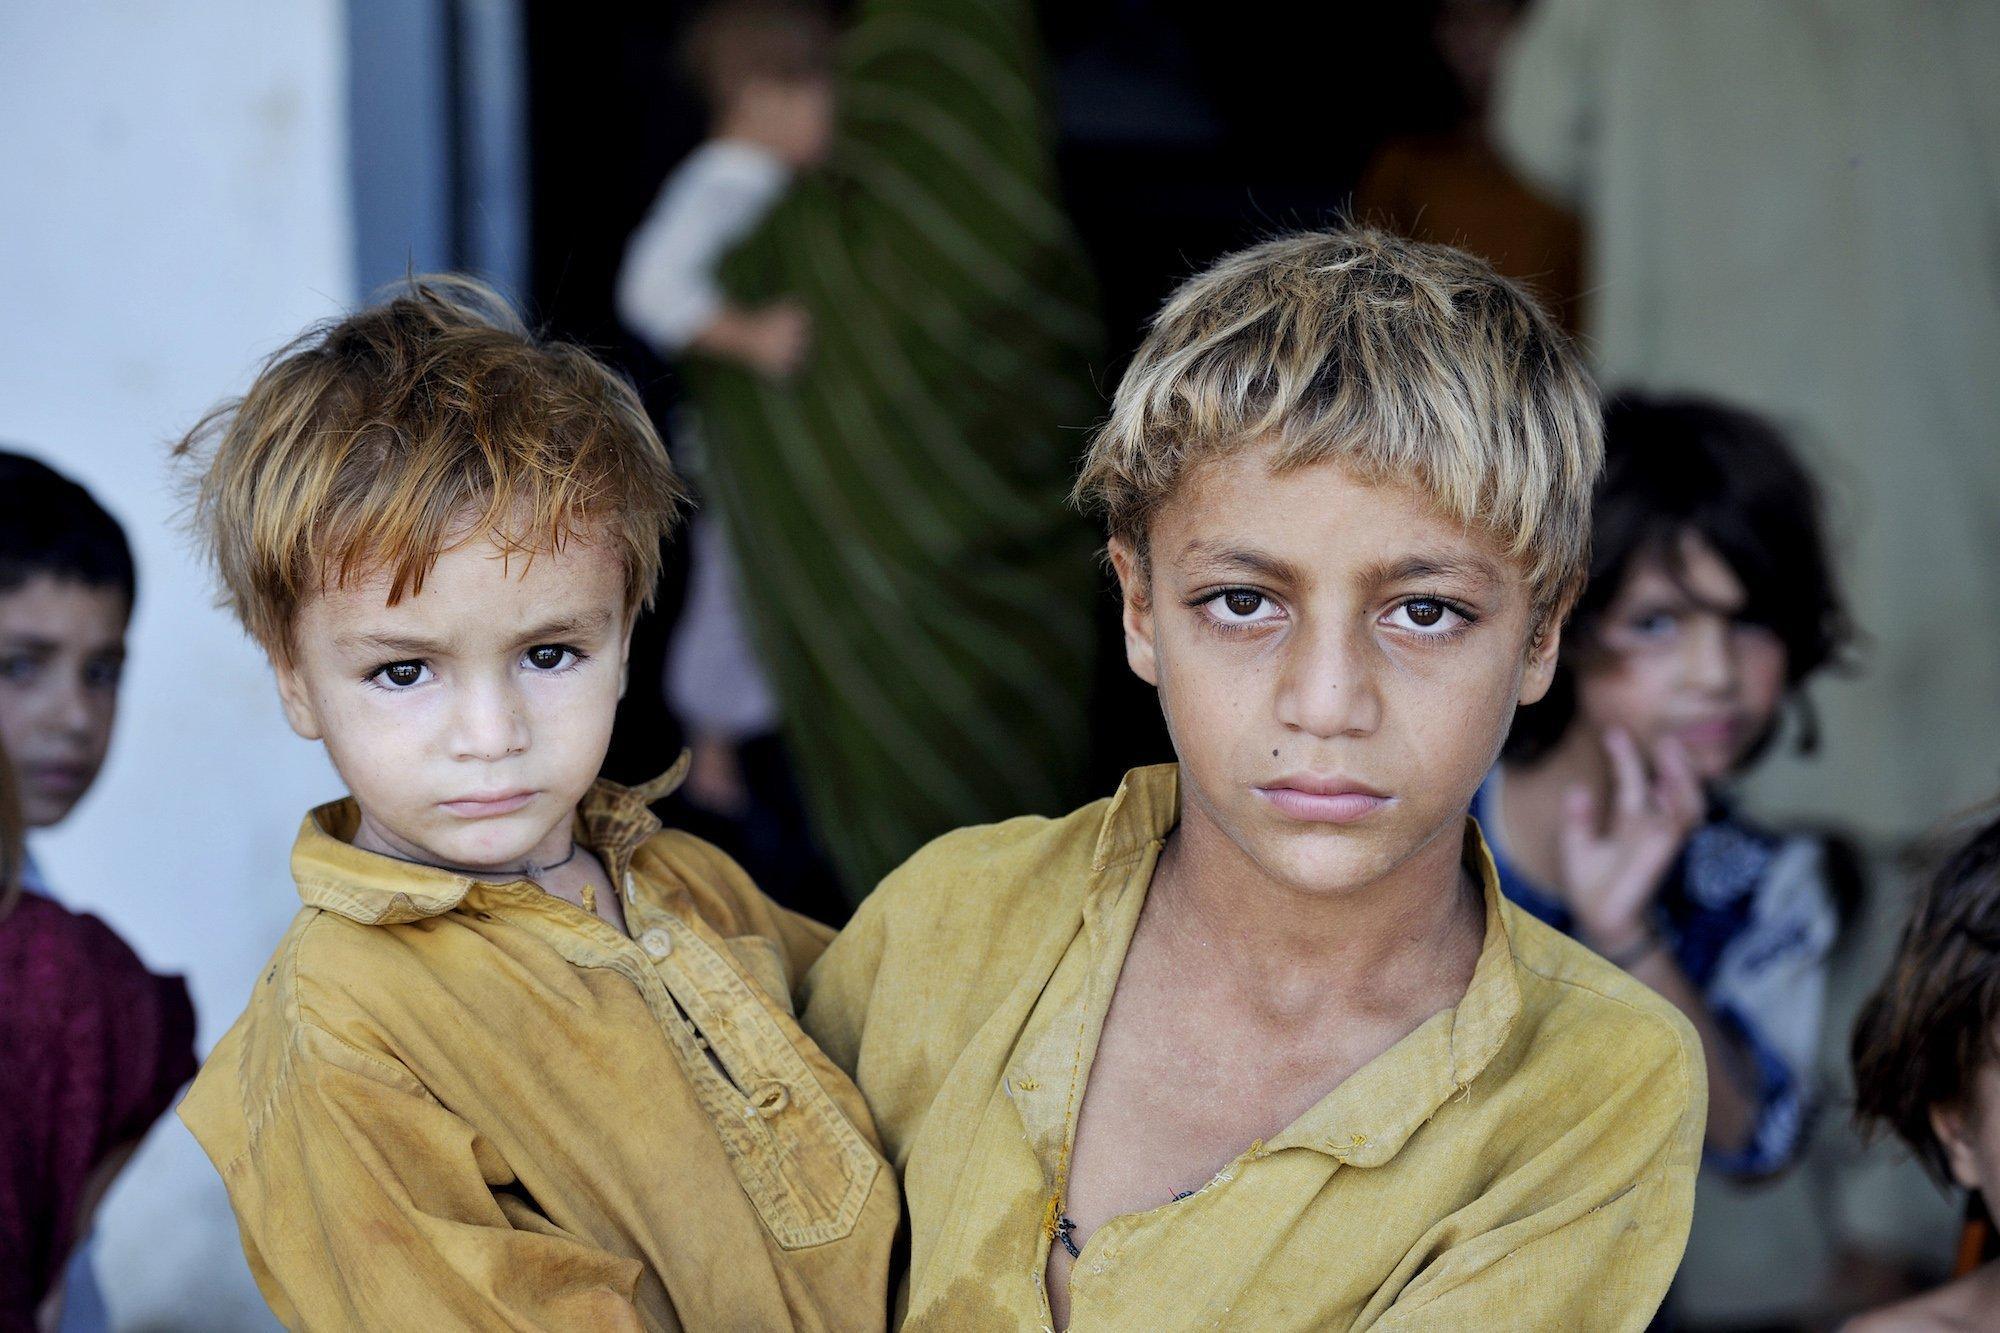 Ein älterer Junger hält seinen jüngeren Bruder auf dem Arm, beide schauen ernst in die Kamera. Dieses Bruderpaar fand damals – wie Tausende andere – Zuflucht in einer Schule des Charsadra-Distrikts in der nordwestlichen Grenzprovinz Khyber Pakhtunkhwa.